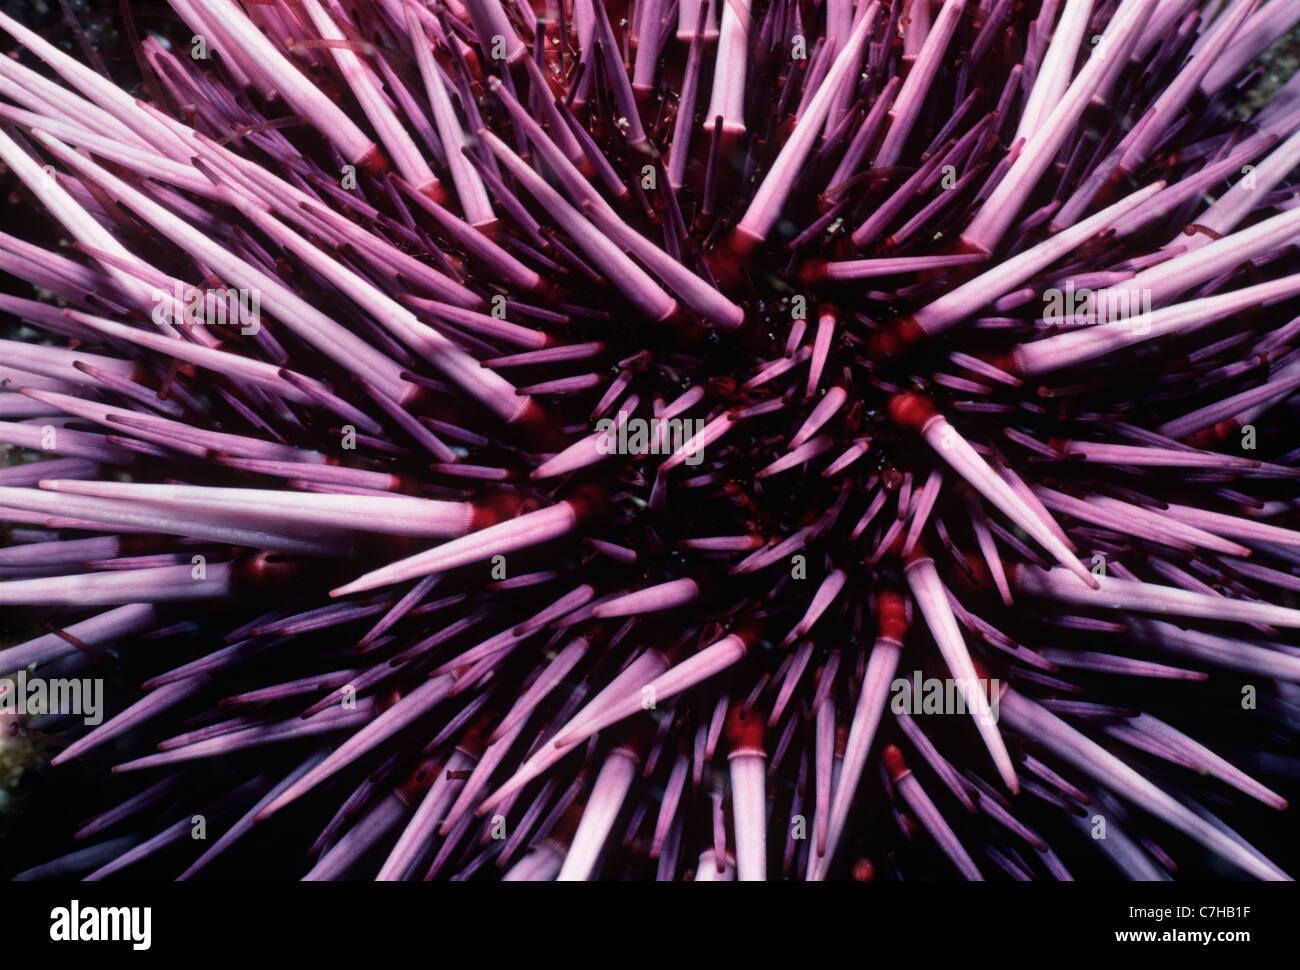 Viola ricci di mare (Strongylocentratus purpuratus) alimentazione su kelp. Isole del Canale, California (USA) - Immagini Stock